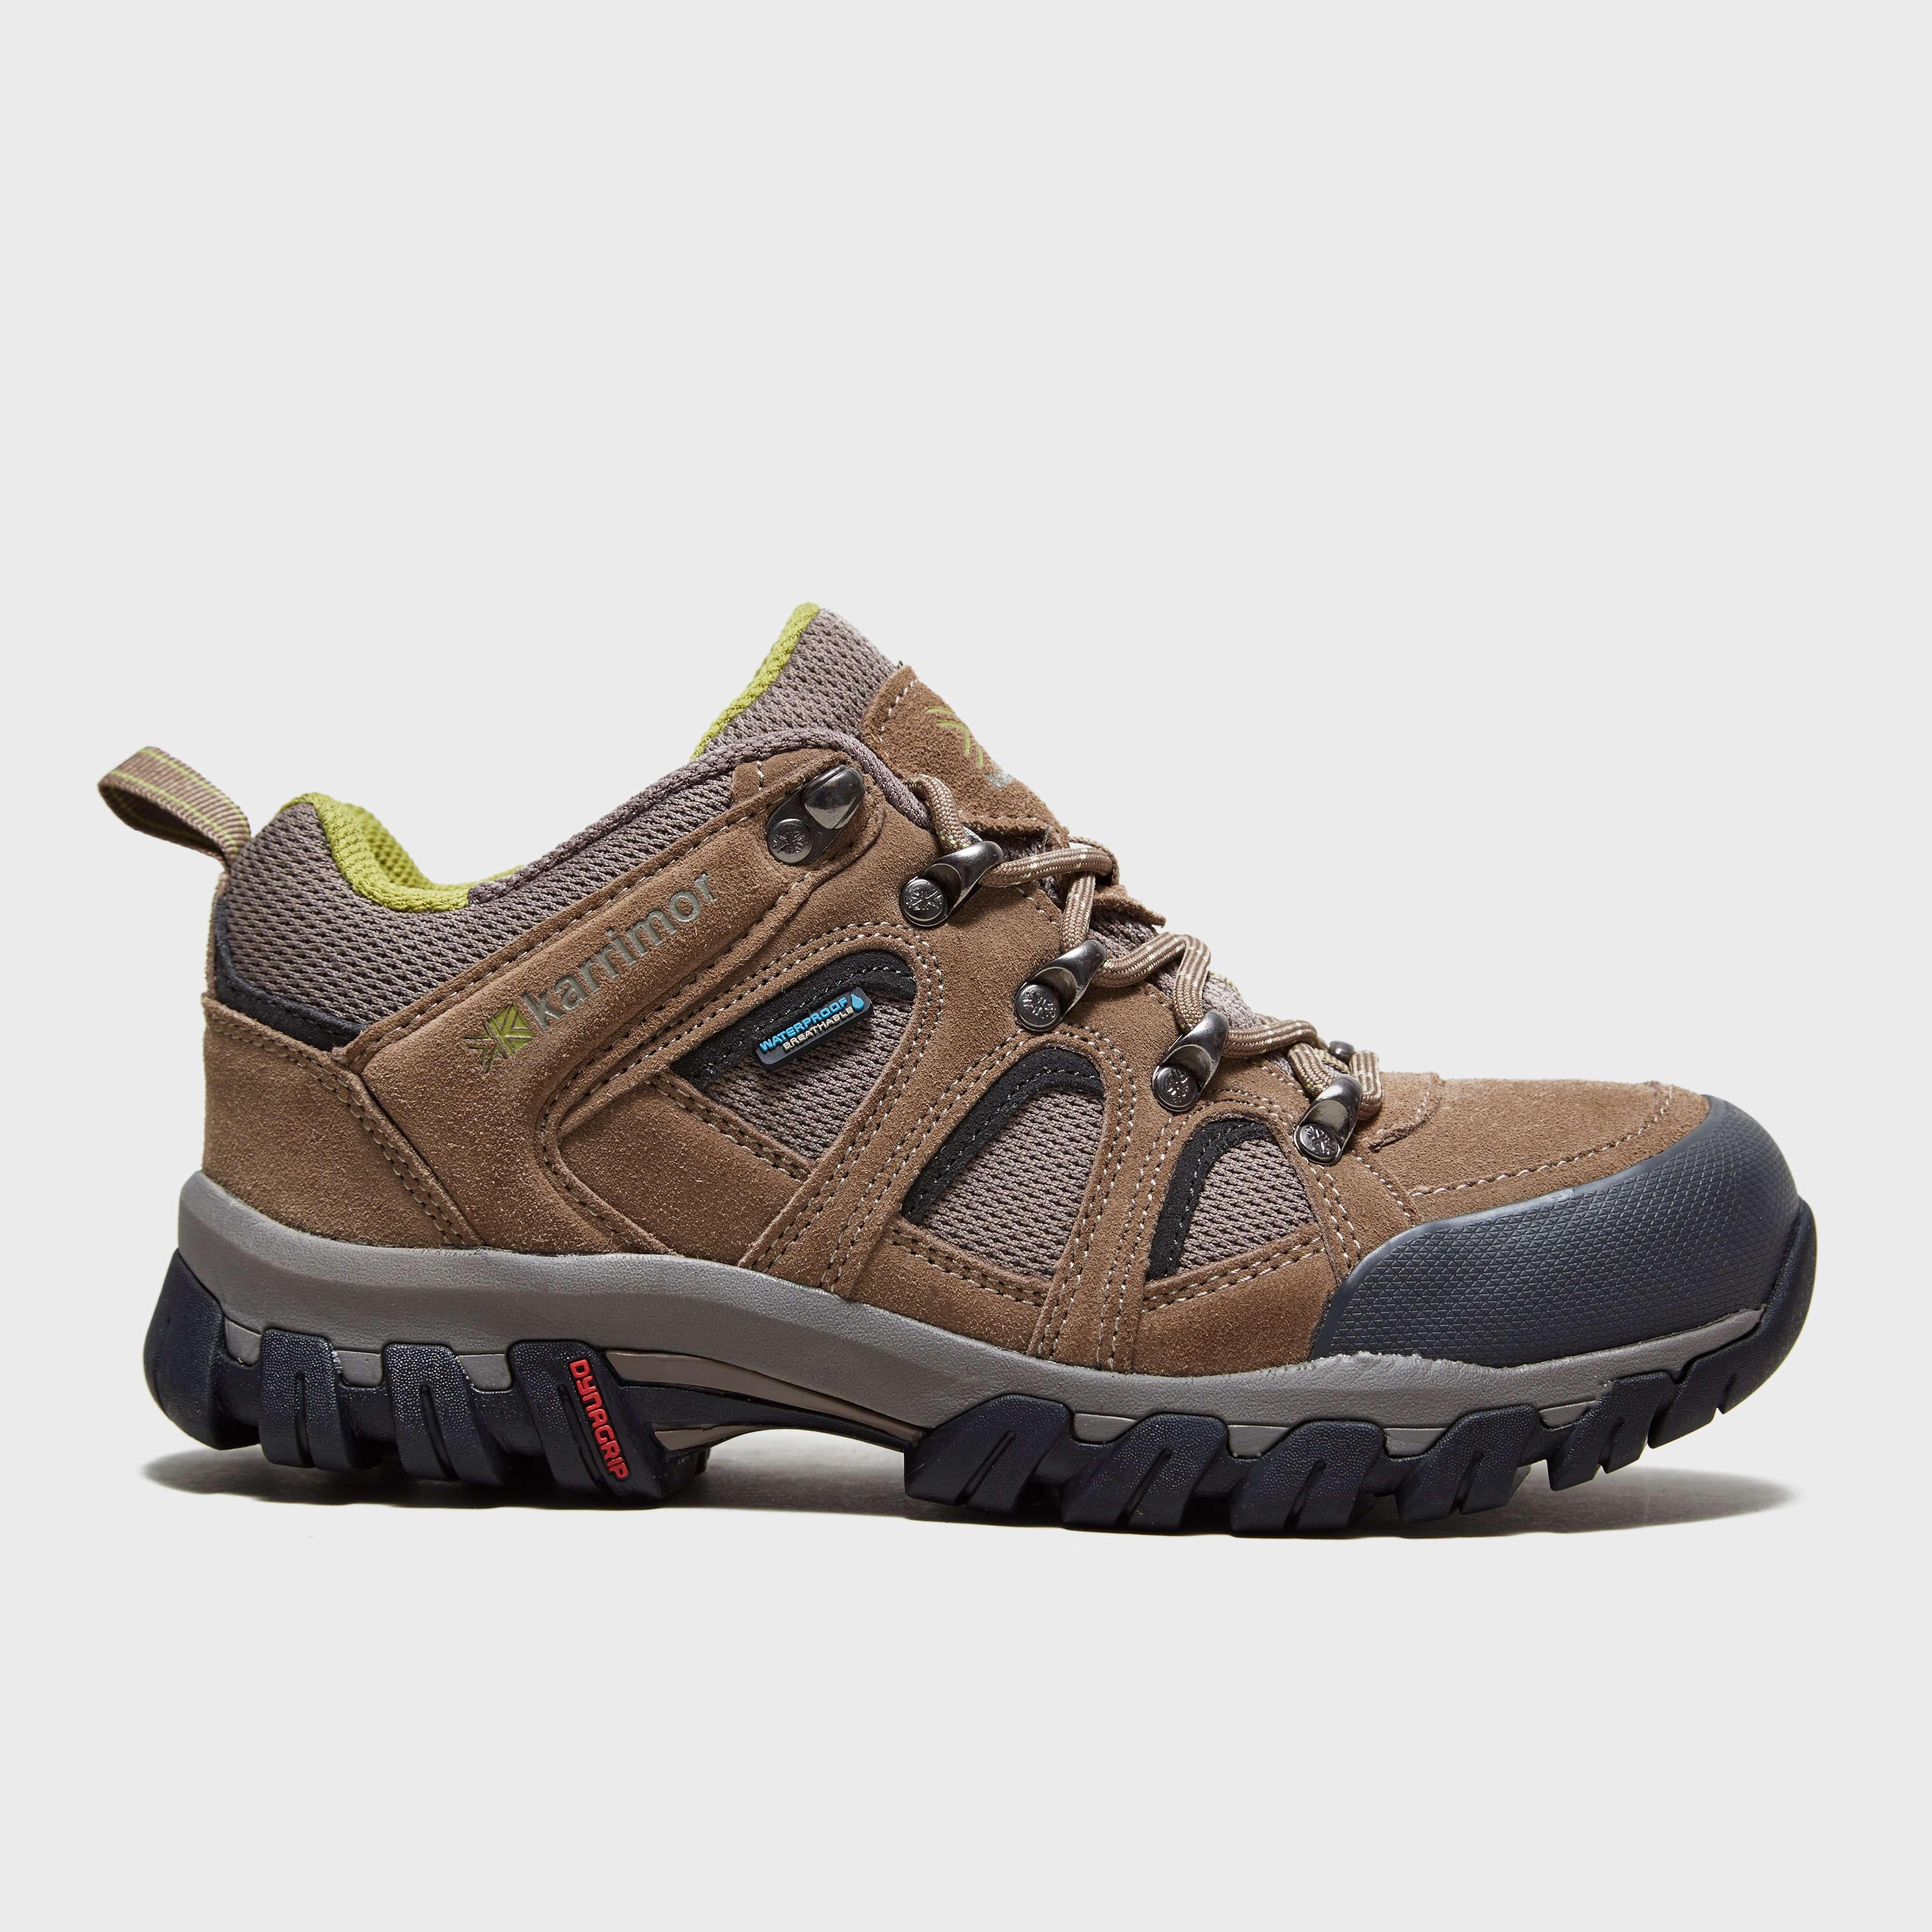 KARRIMOR Women's Bodmin IV Low Walking Shoe